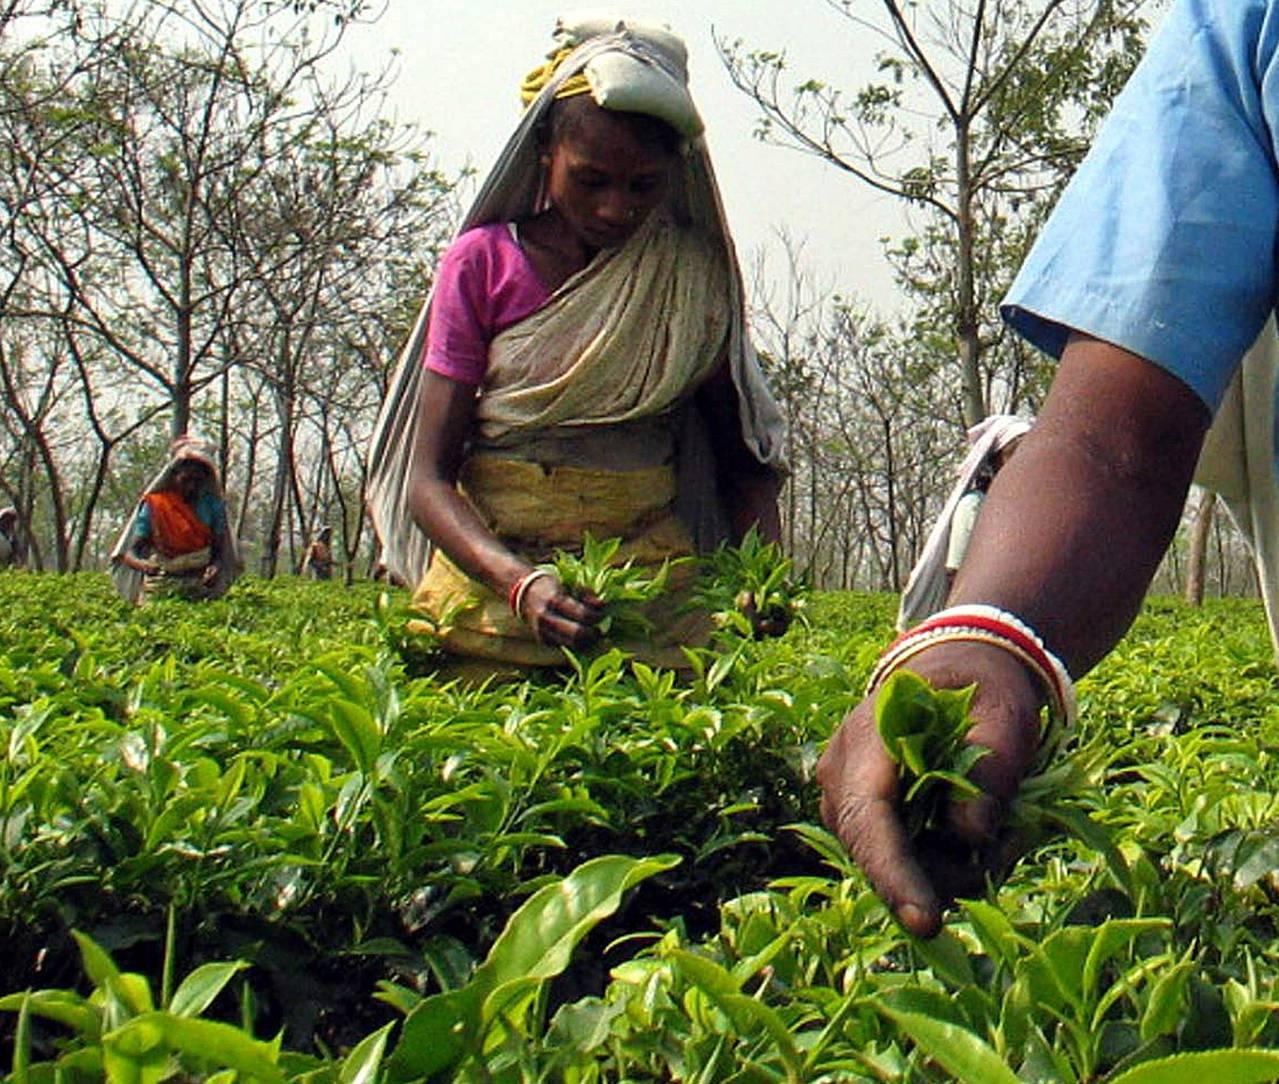 樂施會的研究顯示,為英國大型連鎖超市供應蔬果茶葉的農場與茶園,工人待遇差。路透